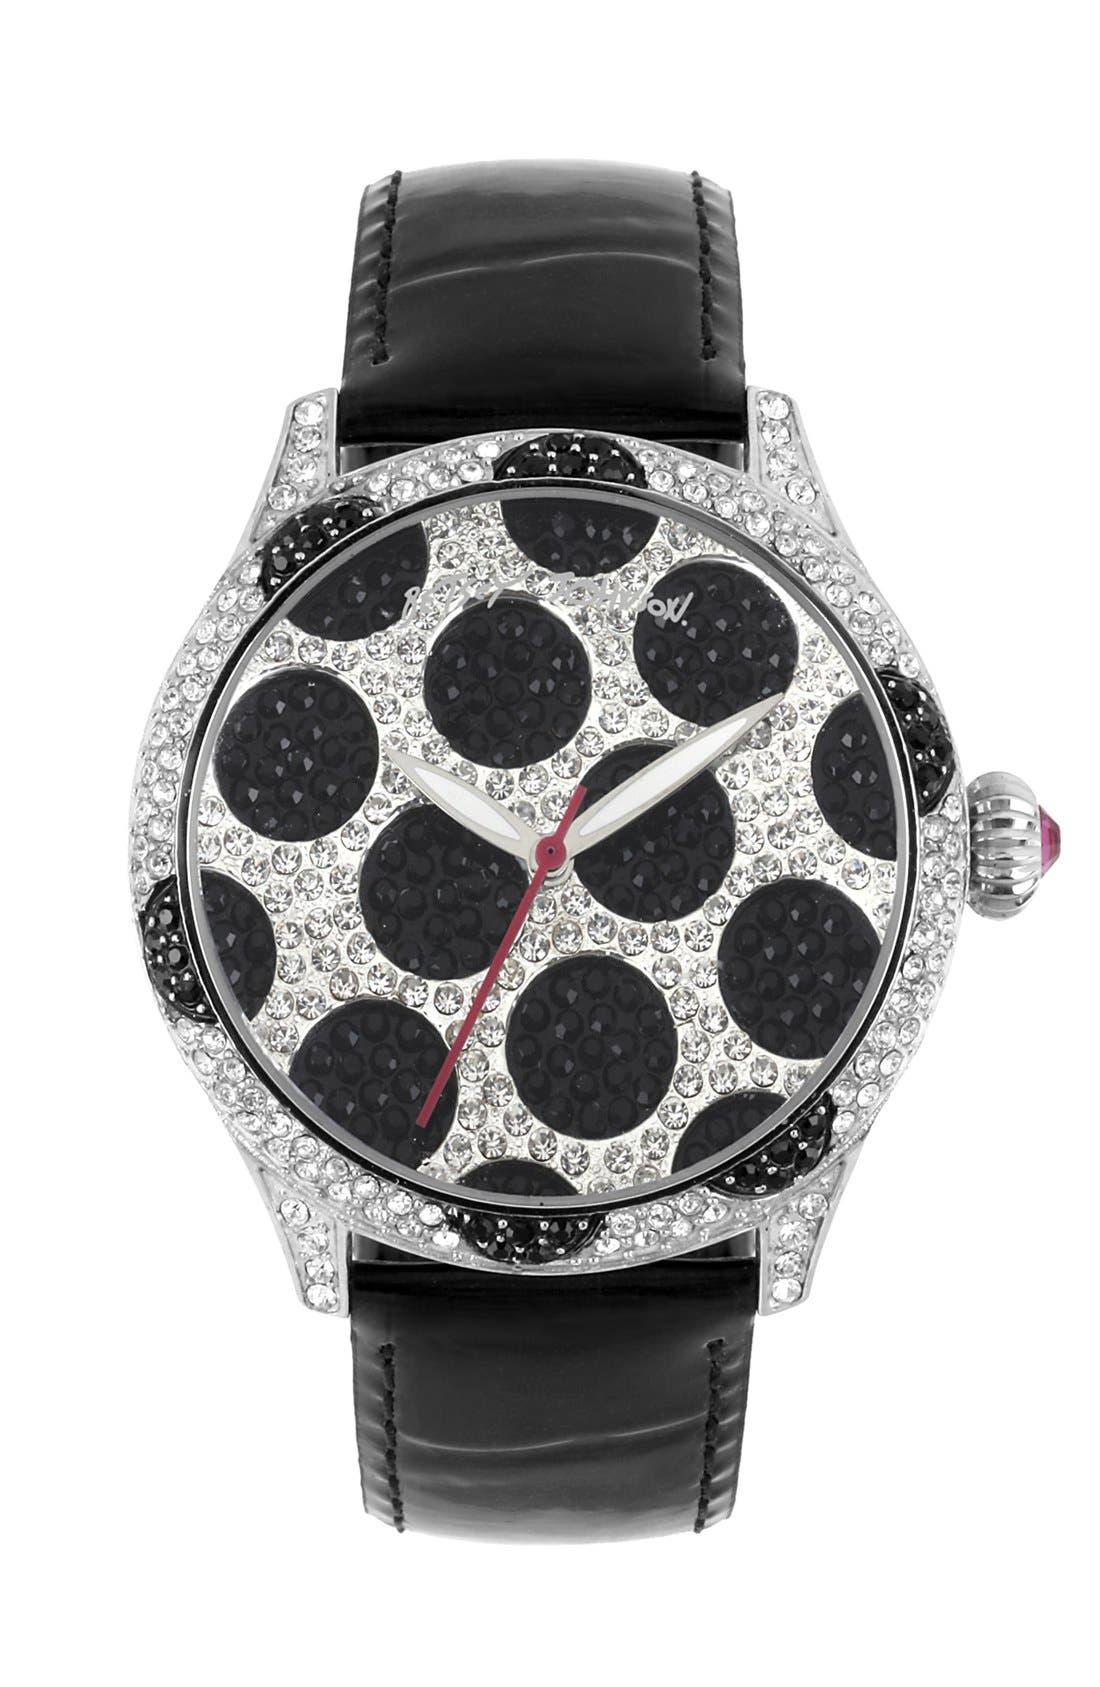 Main Image - Betsey Johnson Polka Dot Dial Watch, 41mm